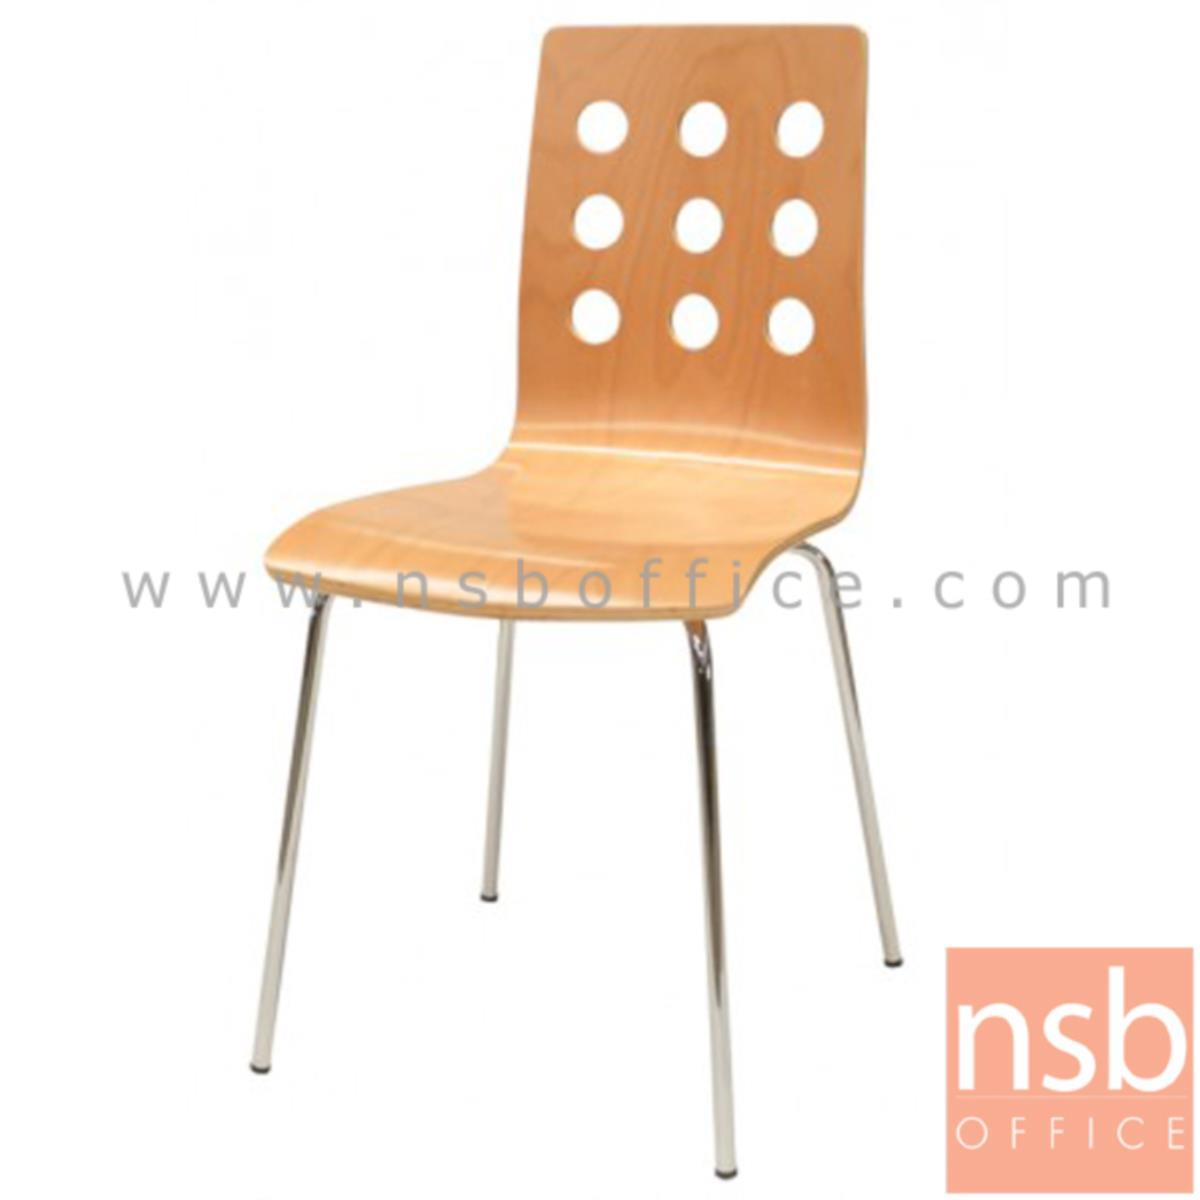 B20A005:เก้าอี้อเนกประสงค์ไม้วีเนียร์ดัด รุ่น Petsch (เพตช์)  ขาเหล็กชุบโครเมี่ยม